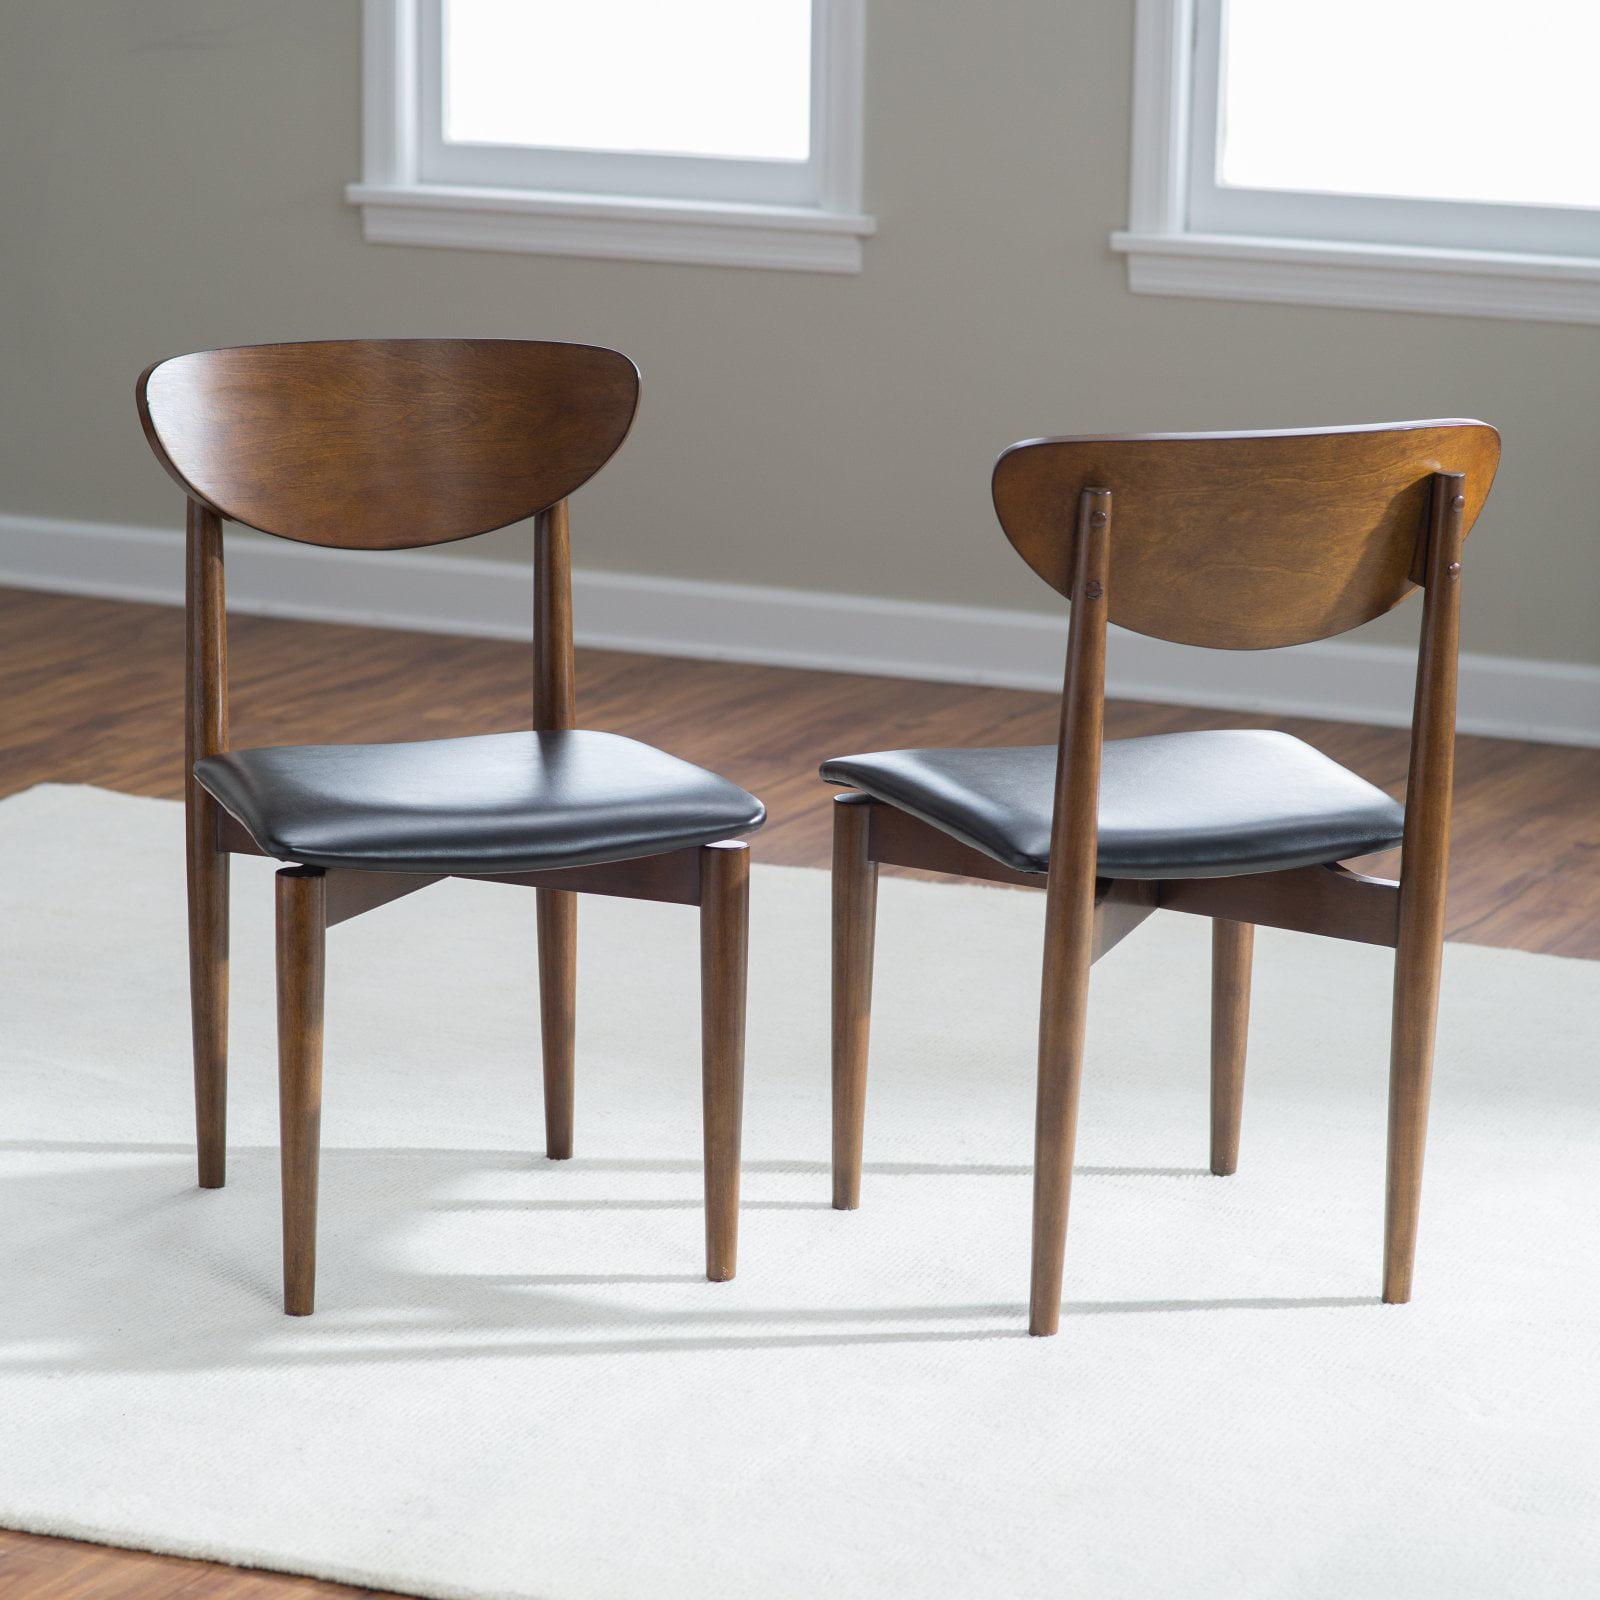 Belham Living Carter Mid Century Modern Dining Chair